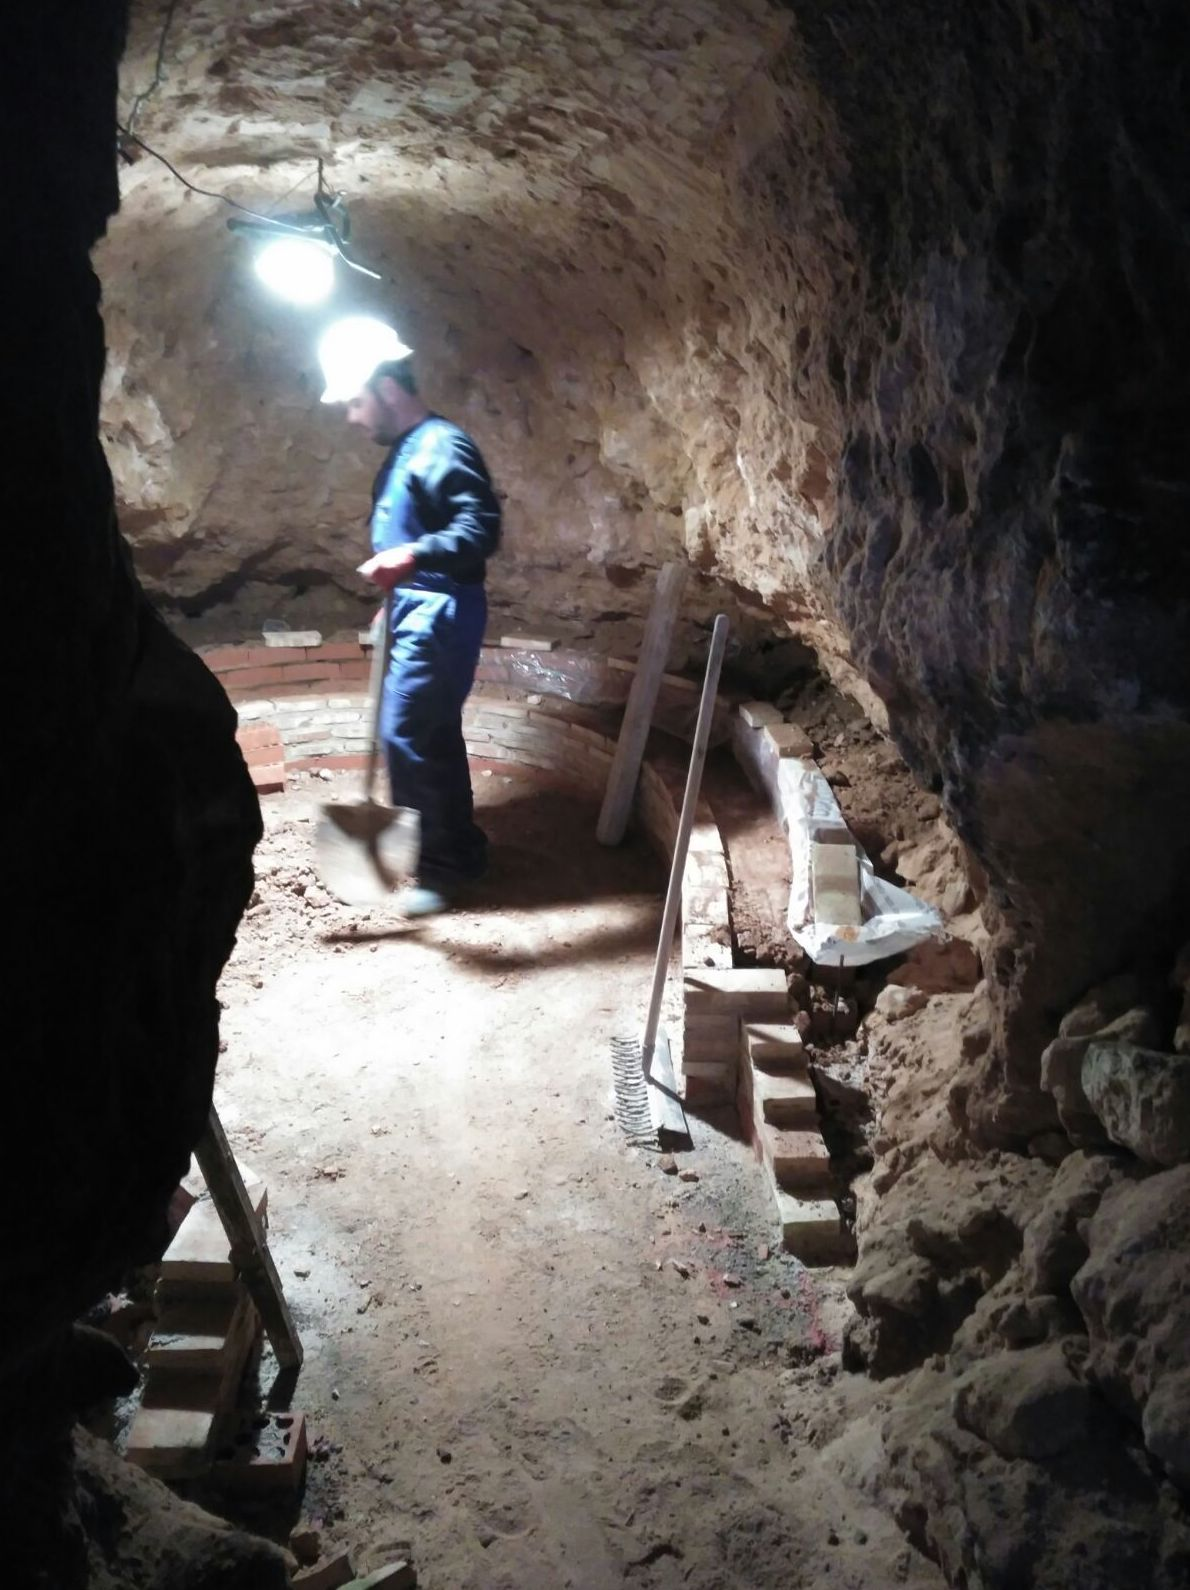 Trabajos de albañilería subterráneos